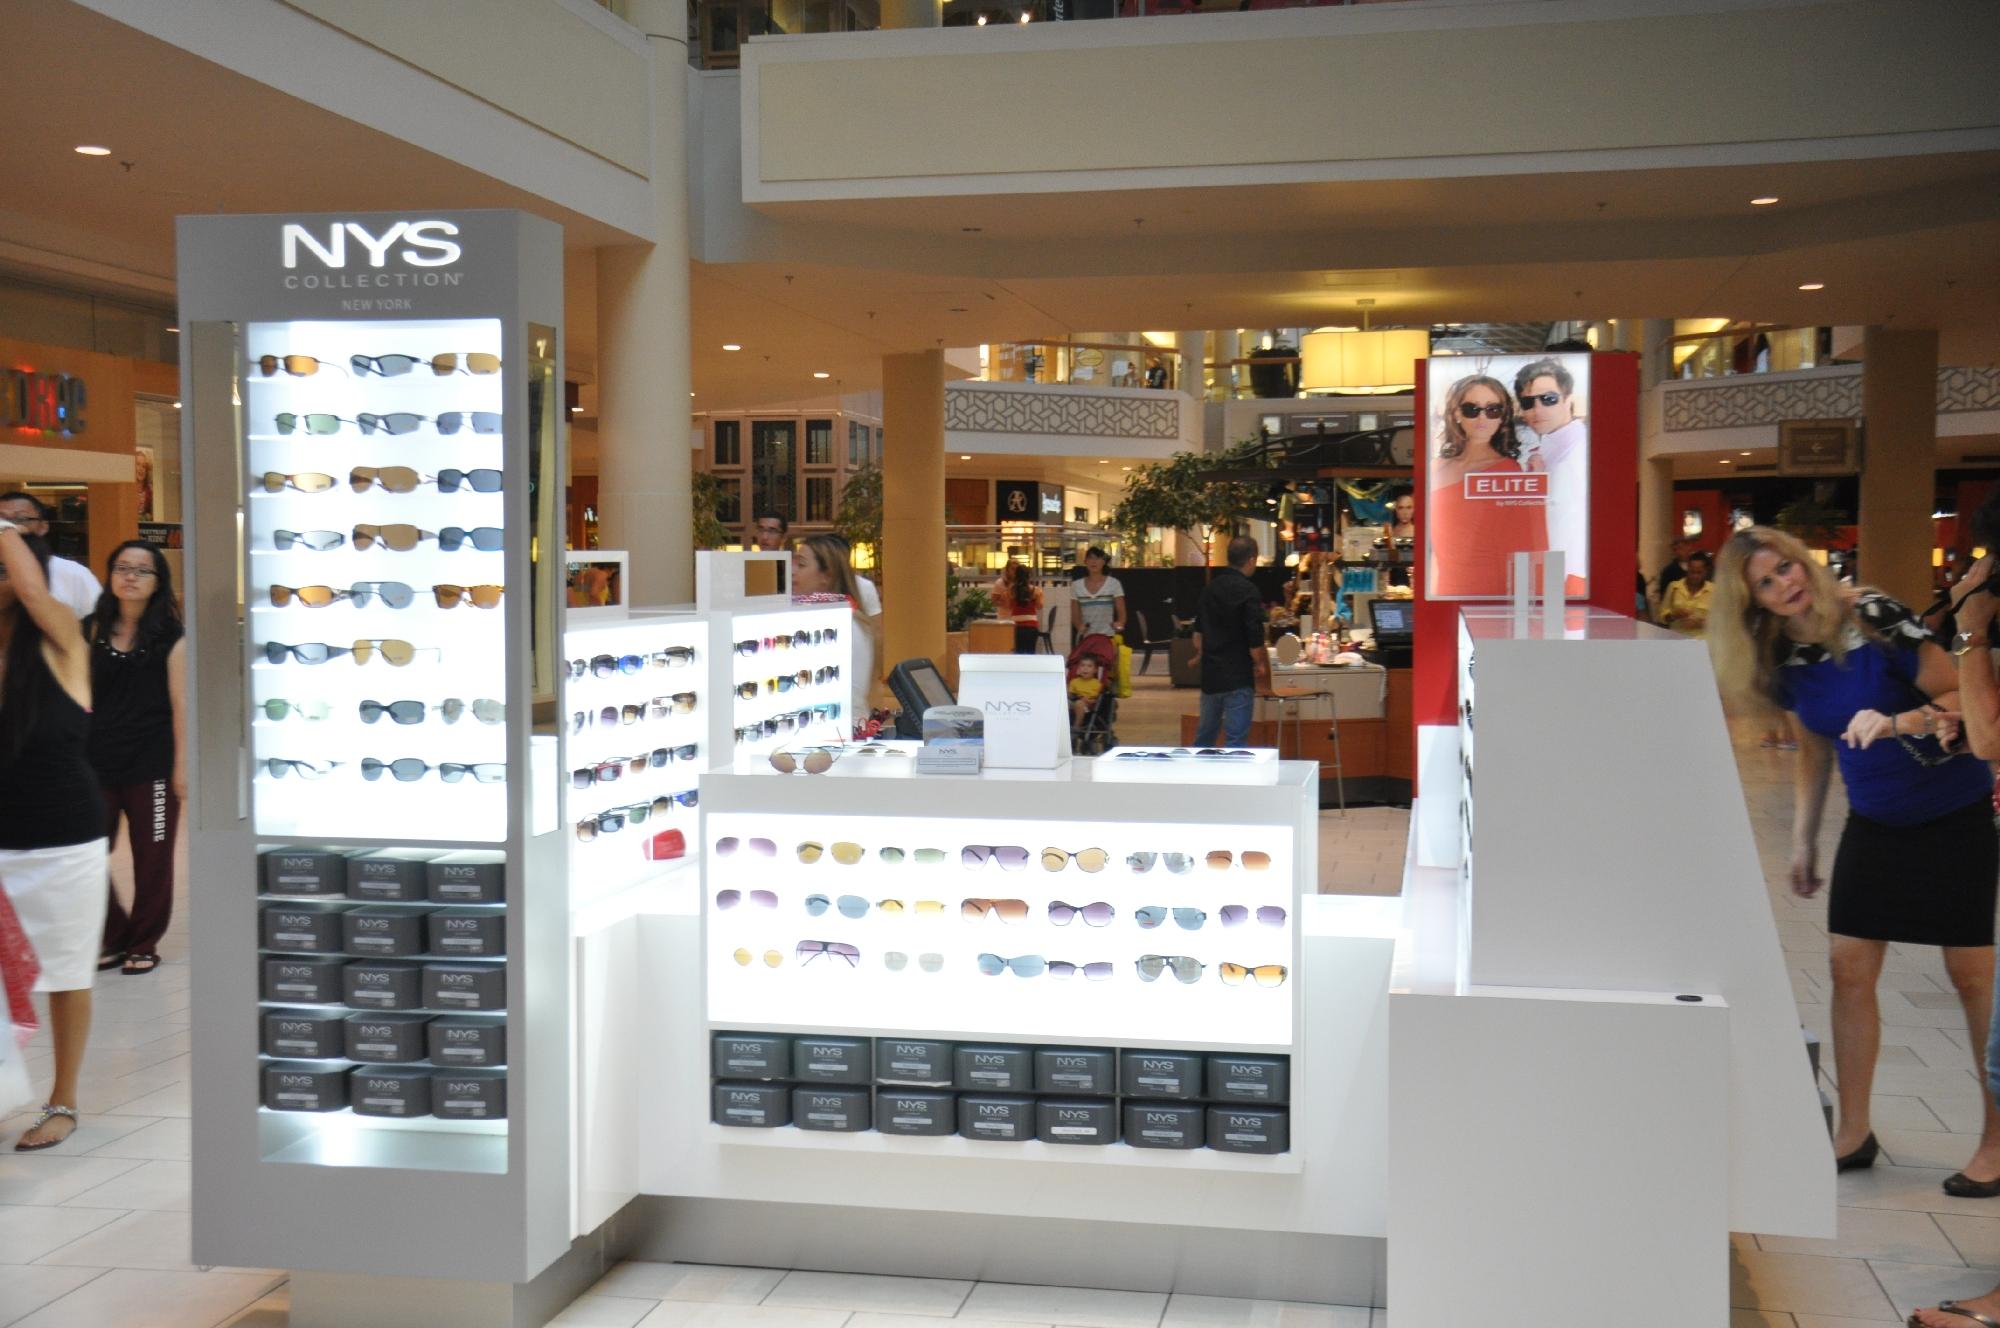 NYS KIOSK Freehold Mall 2012 070__52.jpg